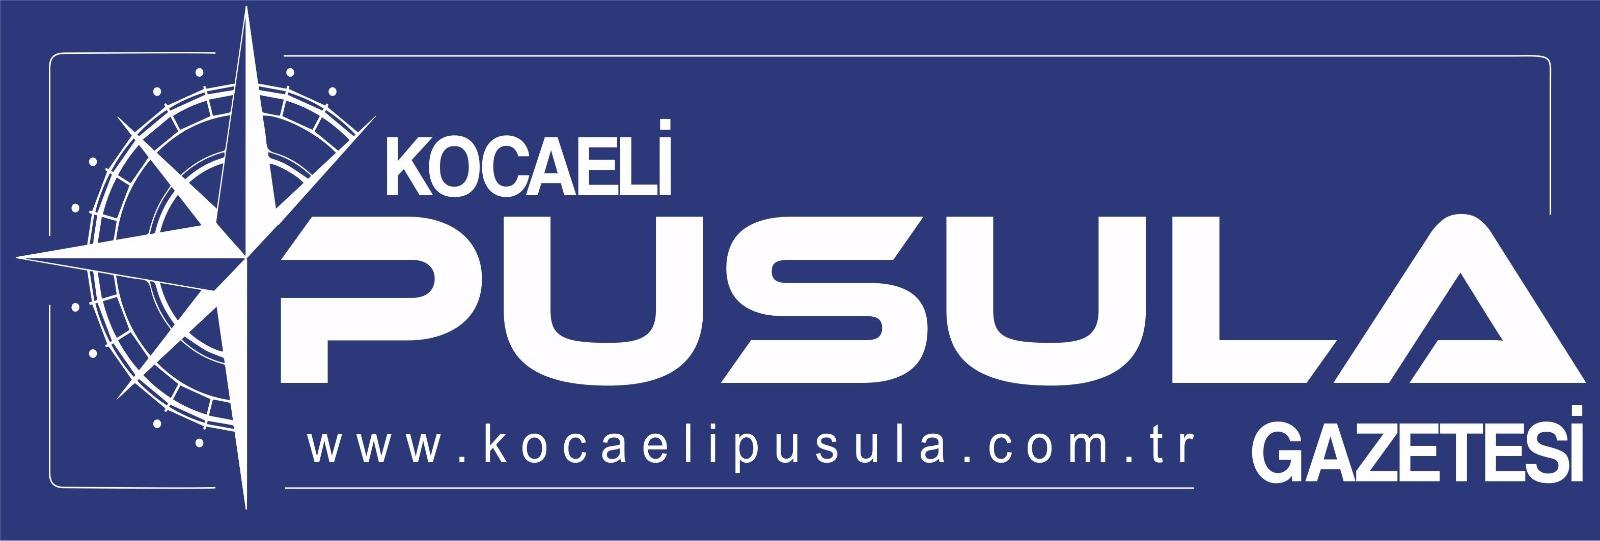 Kocaelipusula.com Güncel Kocaeli,Gebze Haber Sitesi